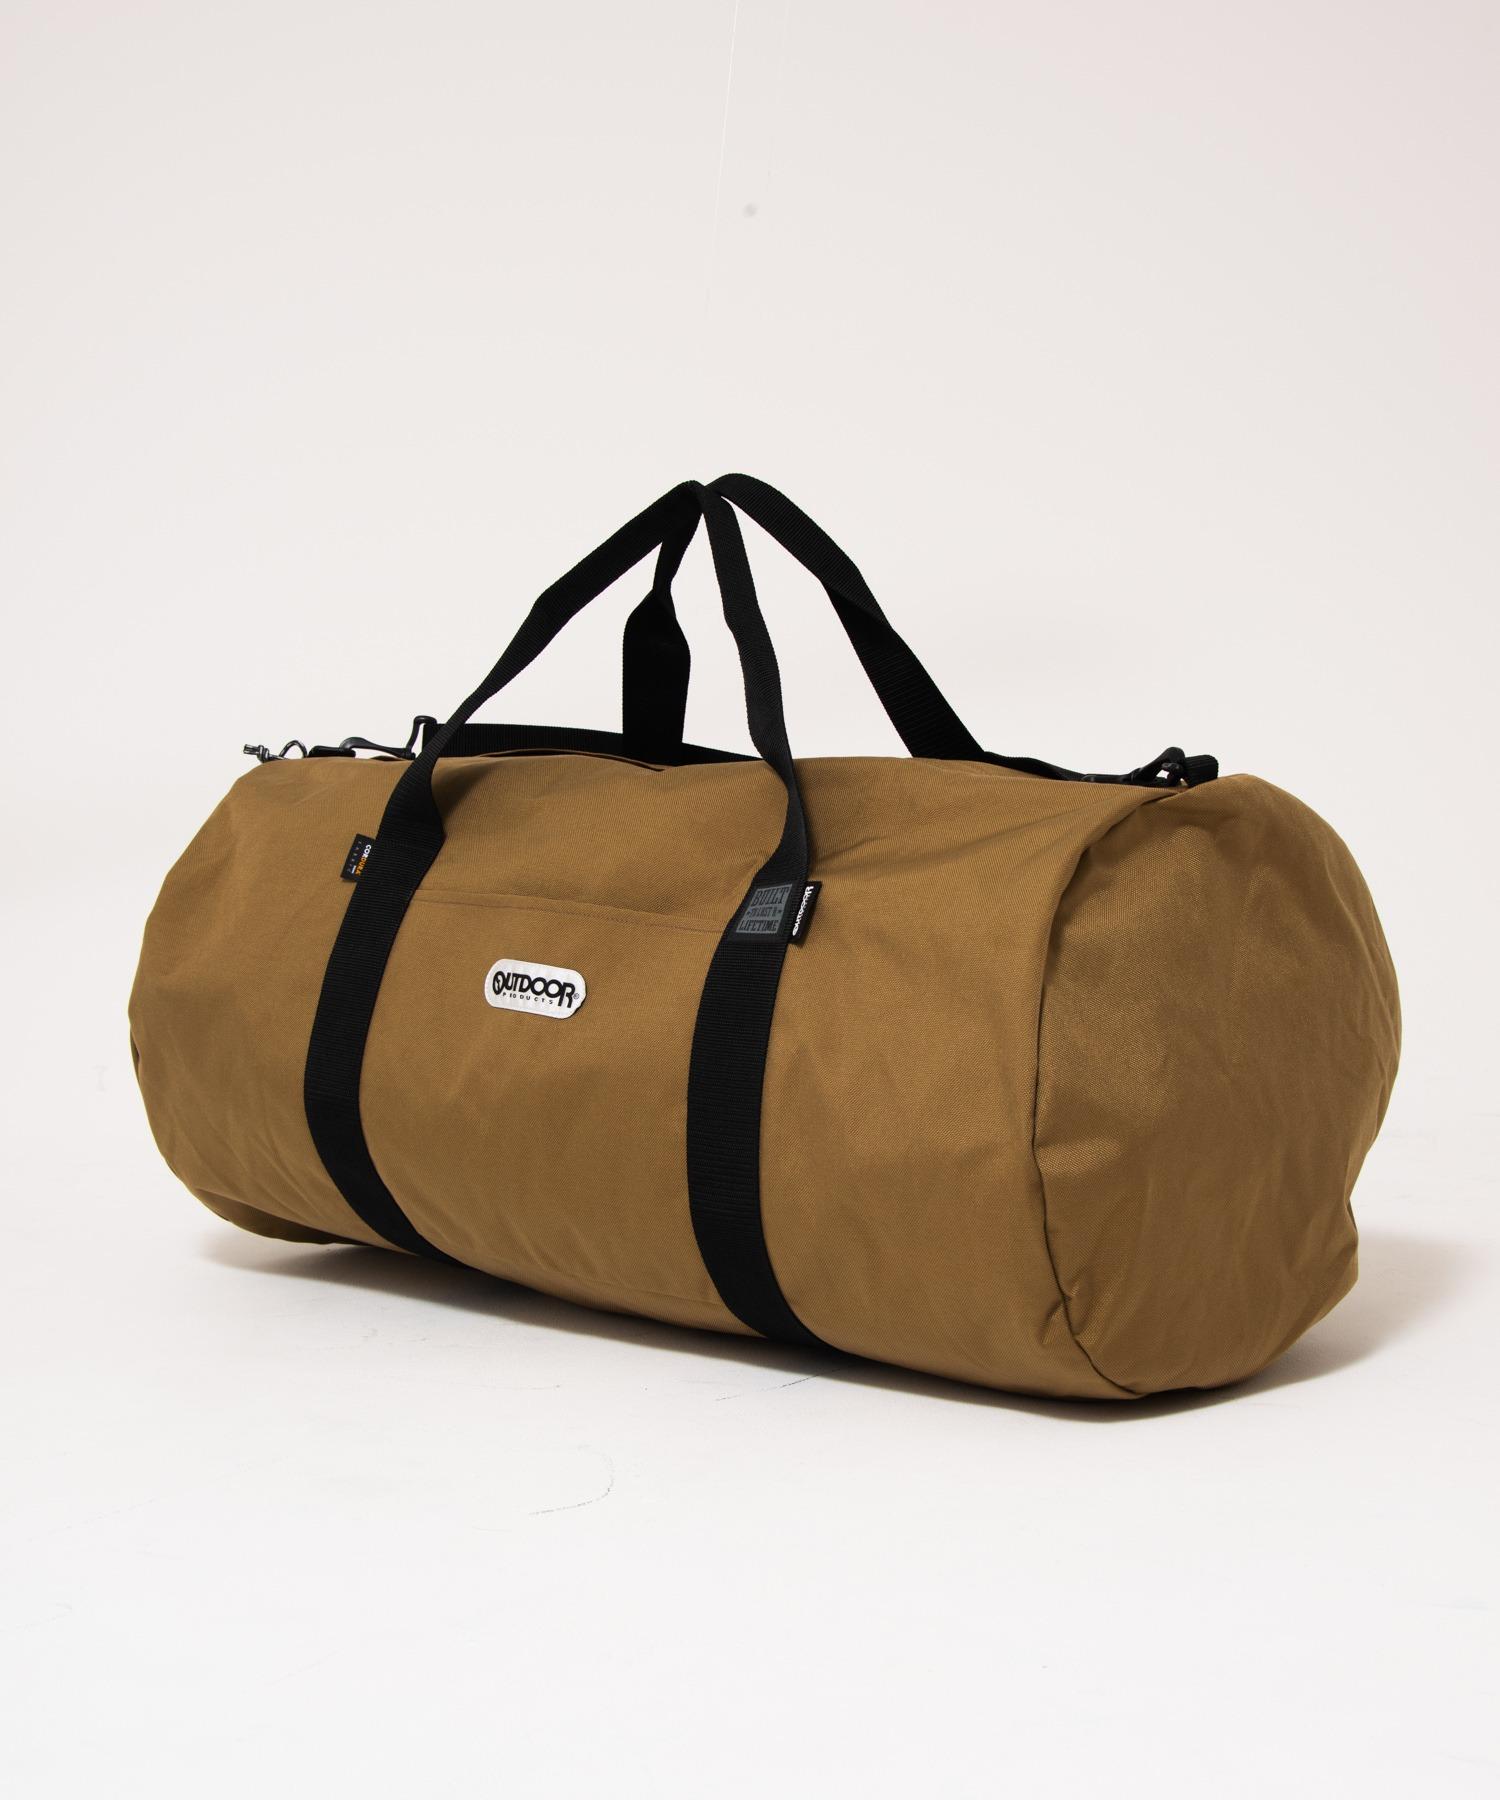 233 ロールボストンバッグ 定番アイテムのサイズリニューアル ブランドロゴ